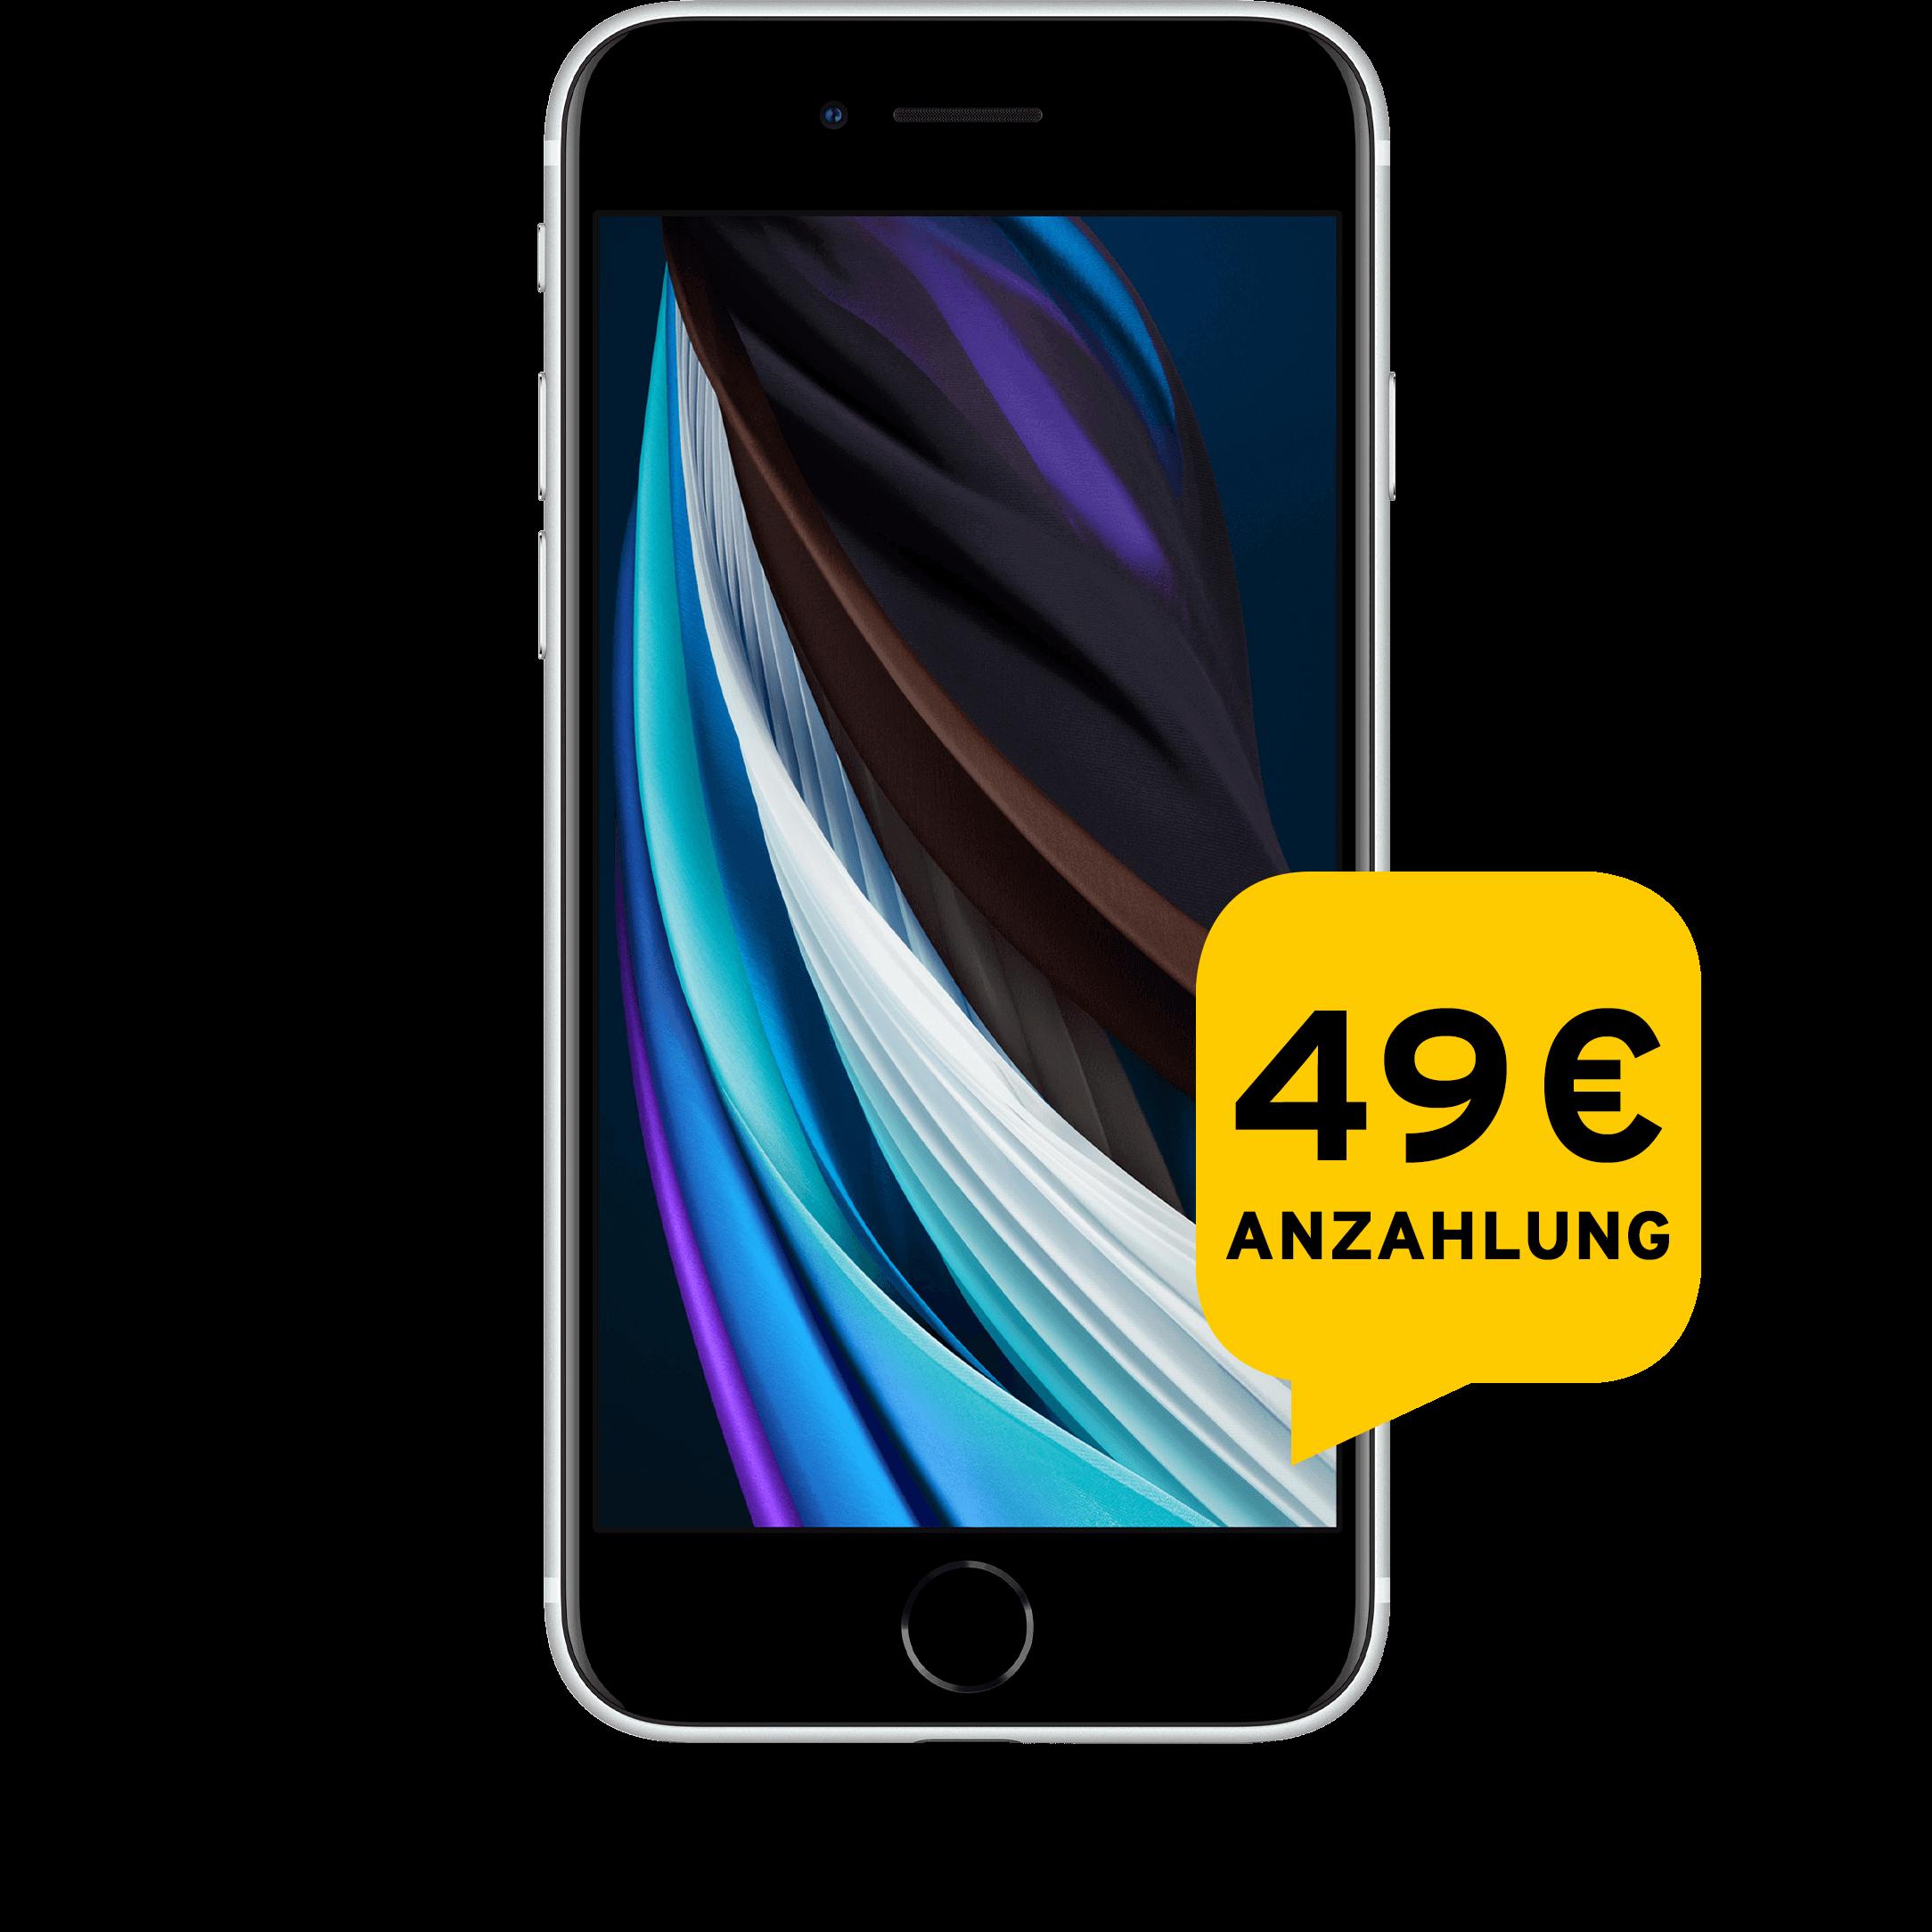 Günstig Kaufen beim Preisvergleich-Apple iPhone SE 2020 64 GB weiß Aktion mit Allnet Flat Plus